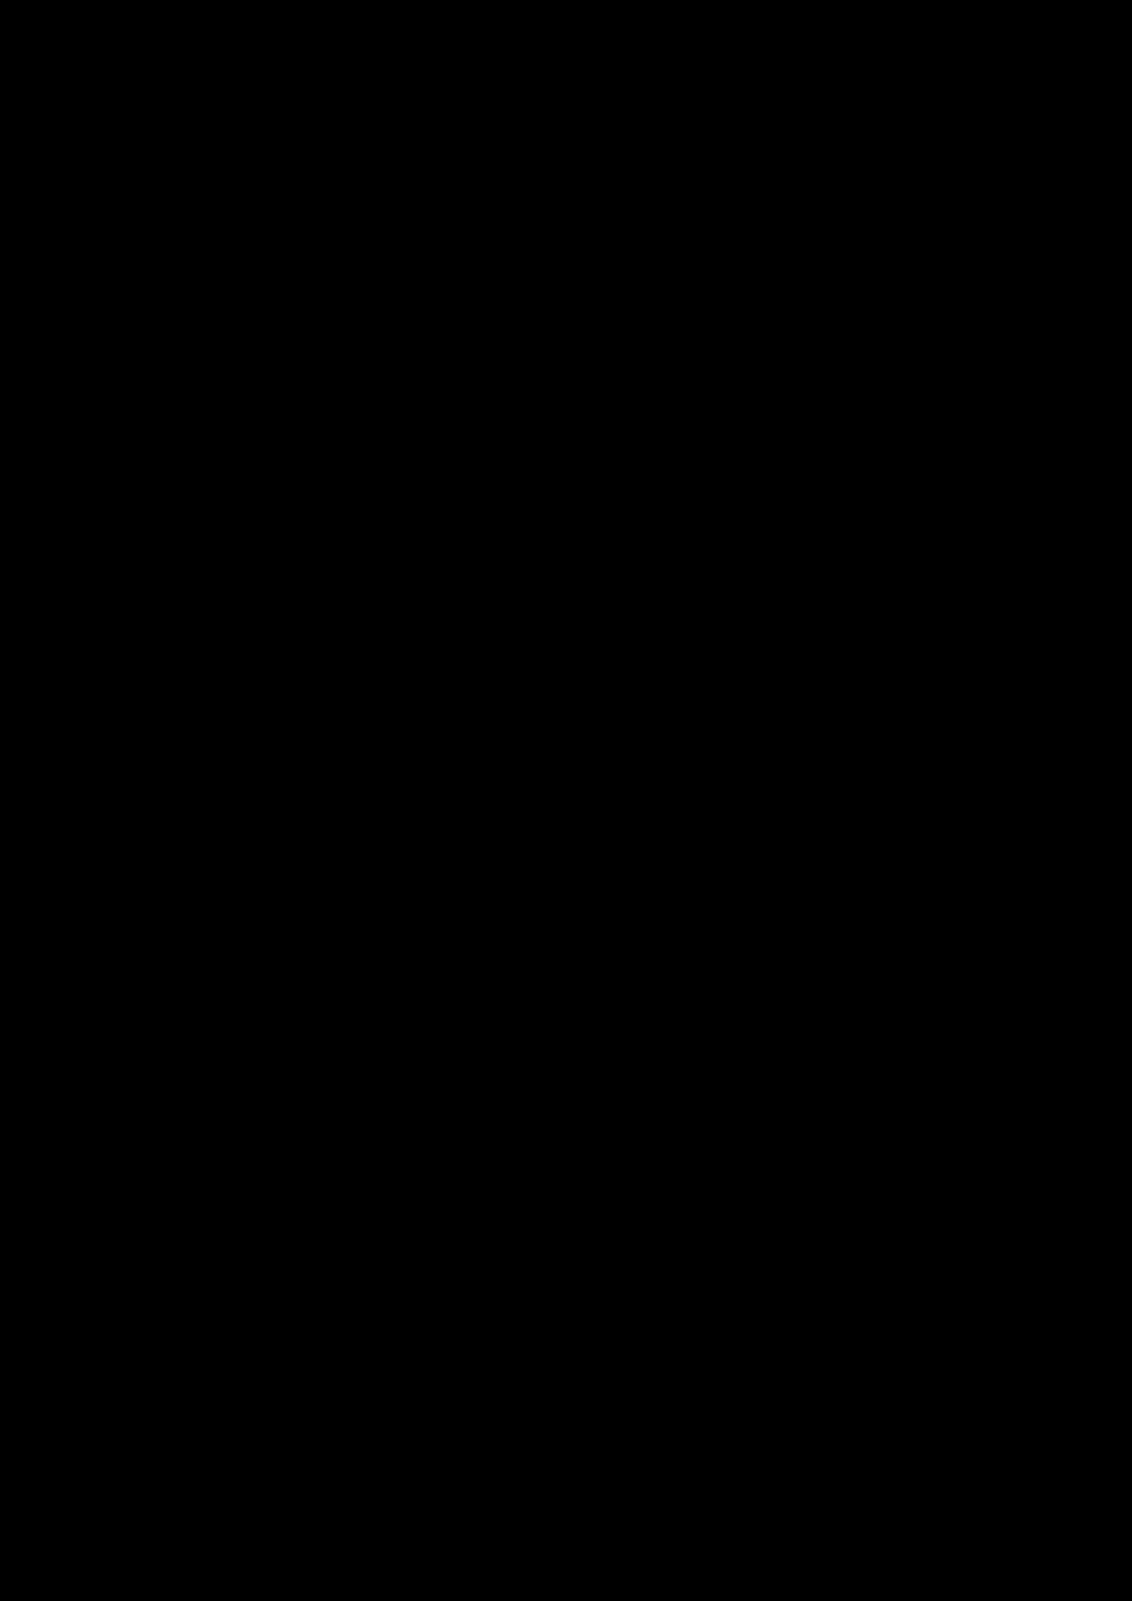 Prolog slide, Image 19